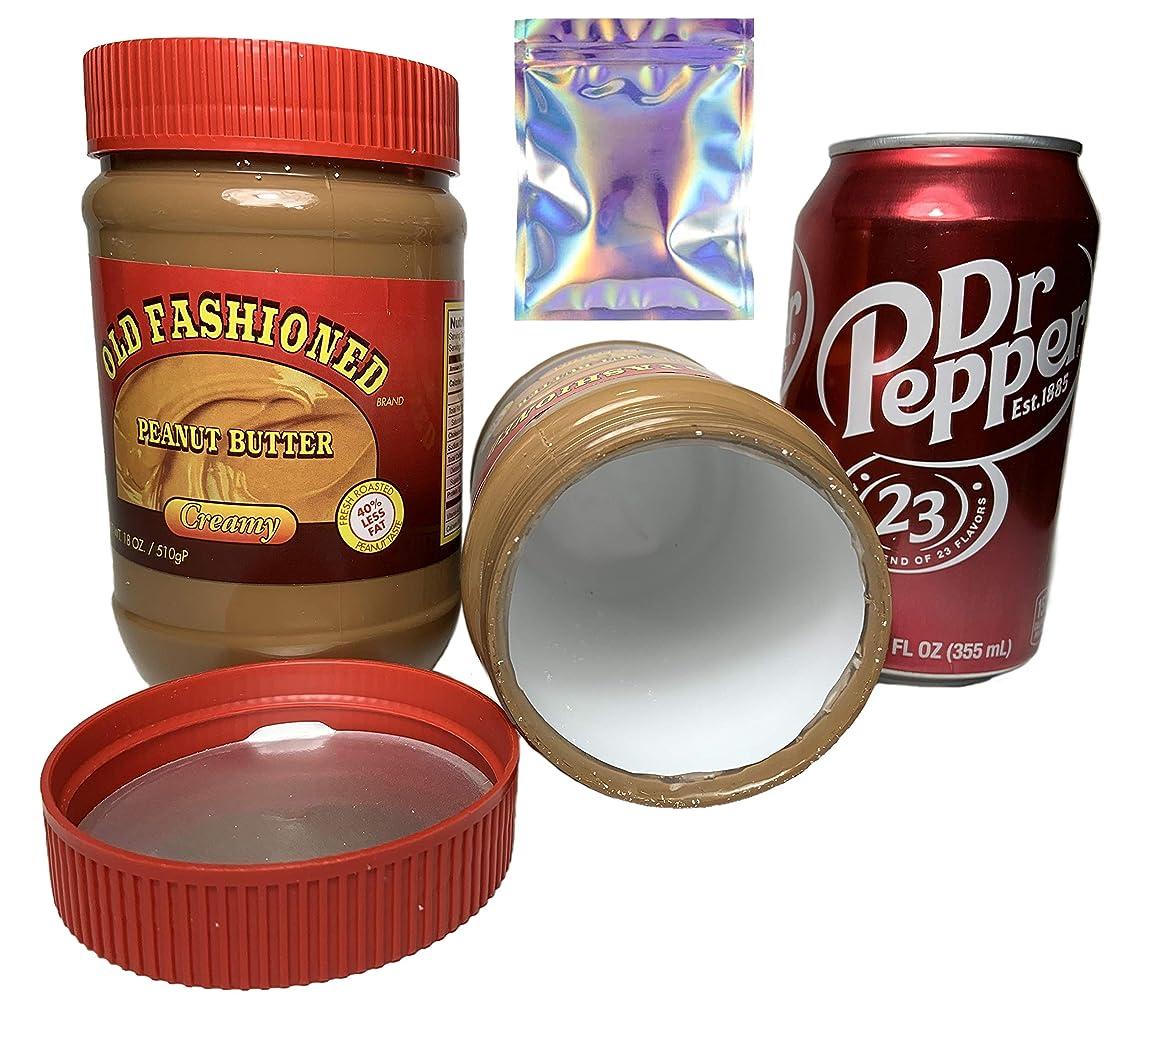 全部報告書巨大なバンドル:Diversion Secret Stash ピーナッツバターセーフジャー、無料の缶入れ付き、お金のジュエリーを隠すことができます。